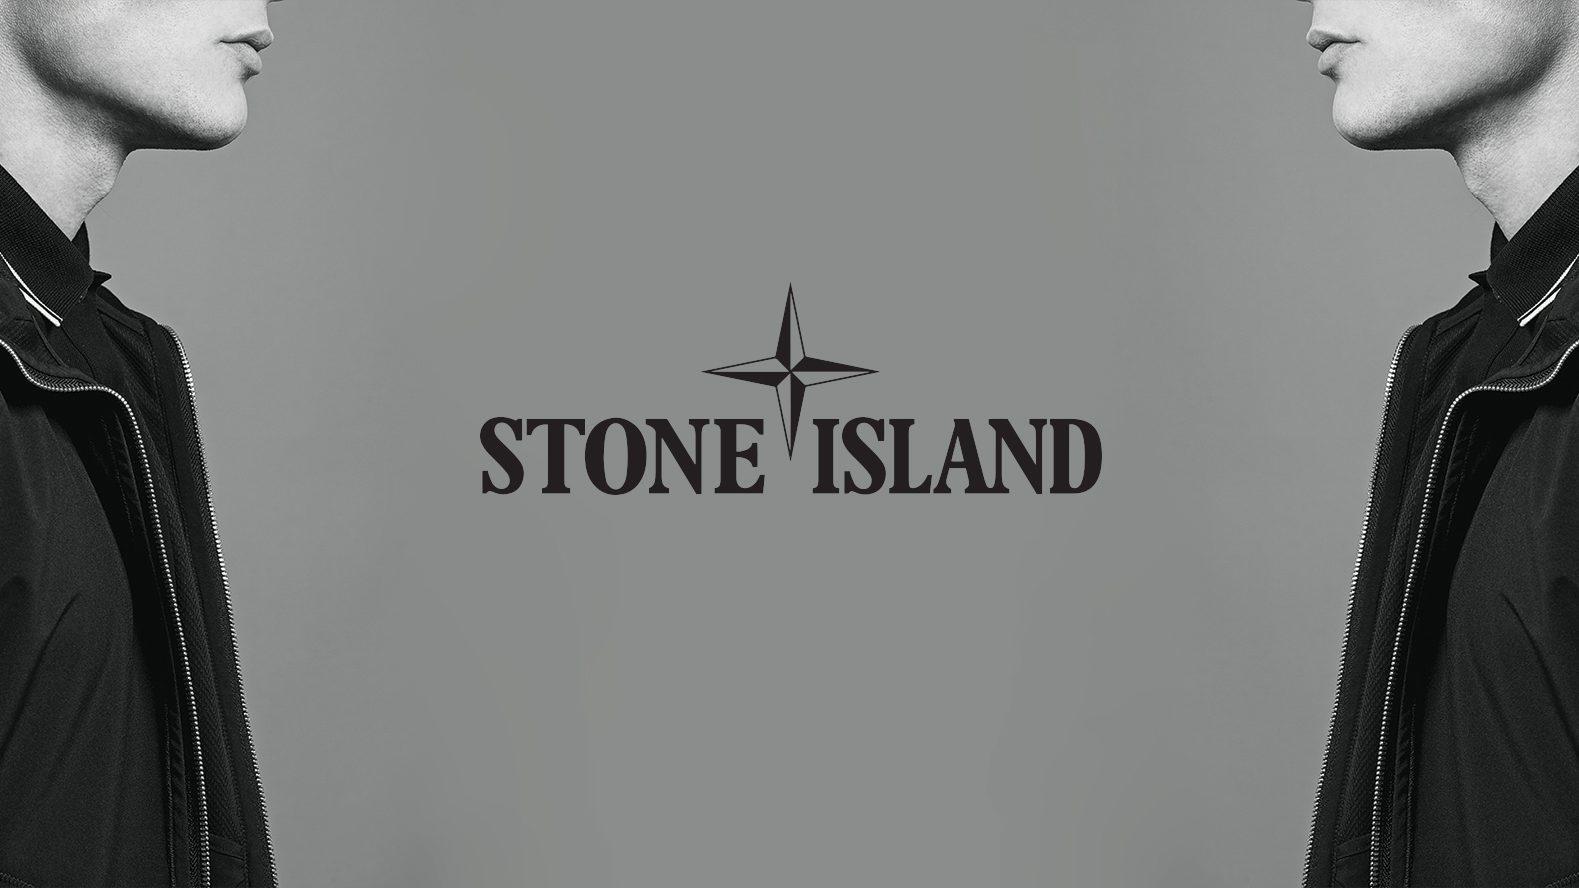 Storia delmarchio Stone Island